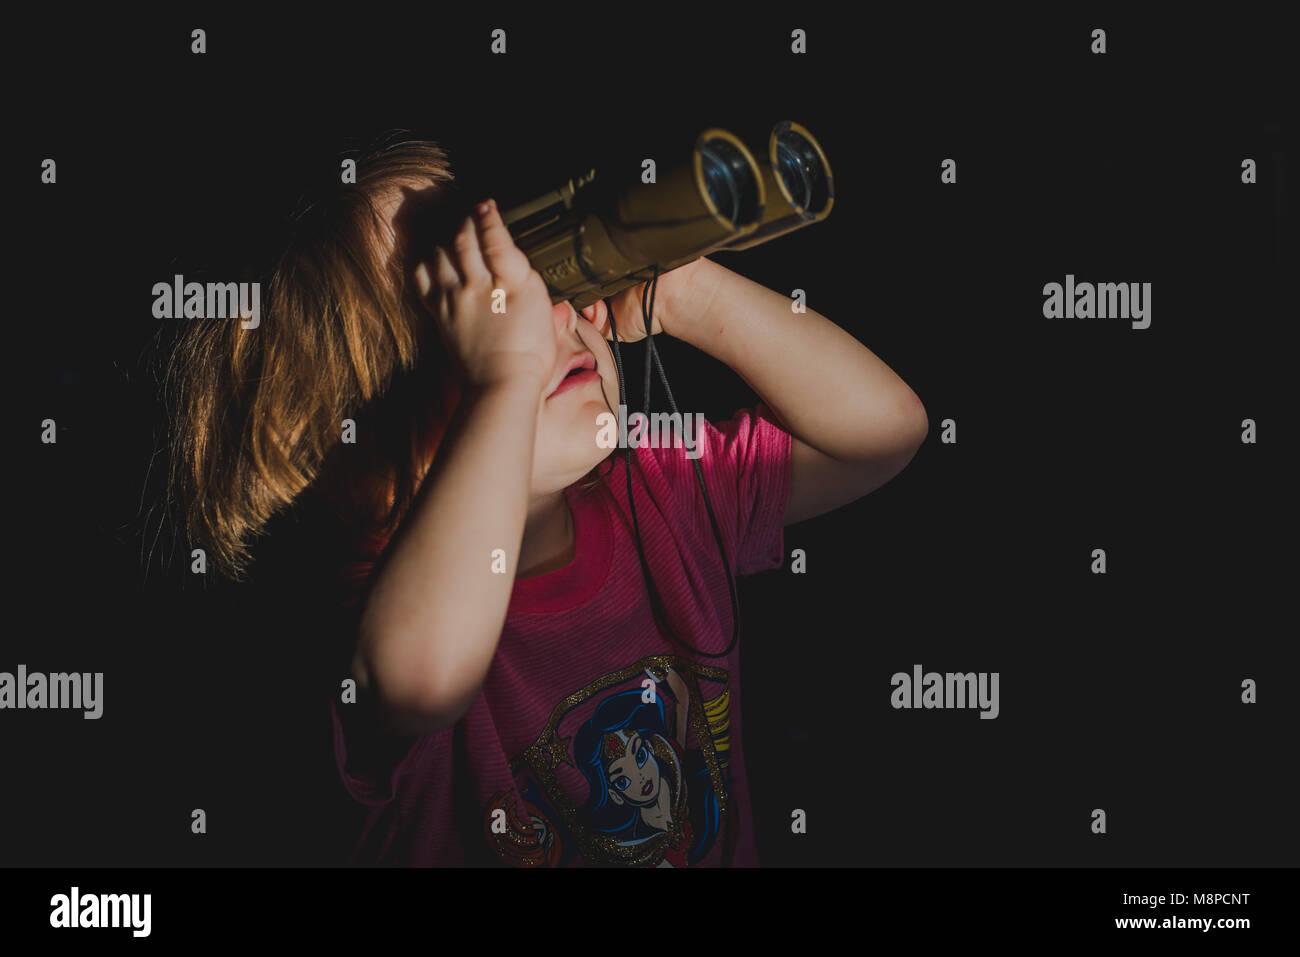 Un jeune bébé fille regardant à travers des jumelles. Photo Stock